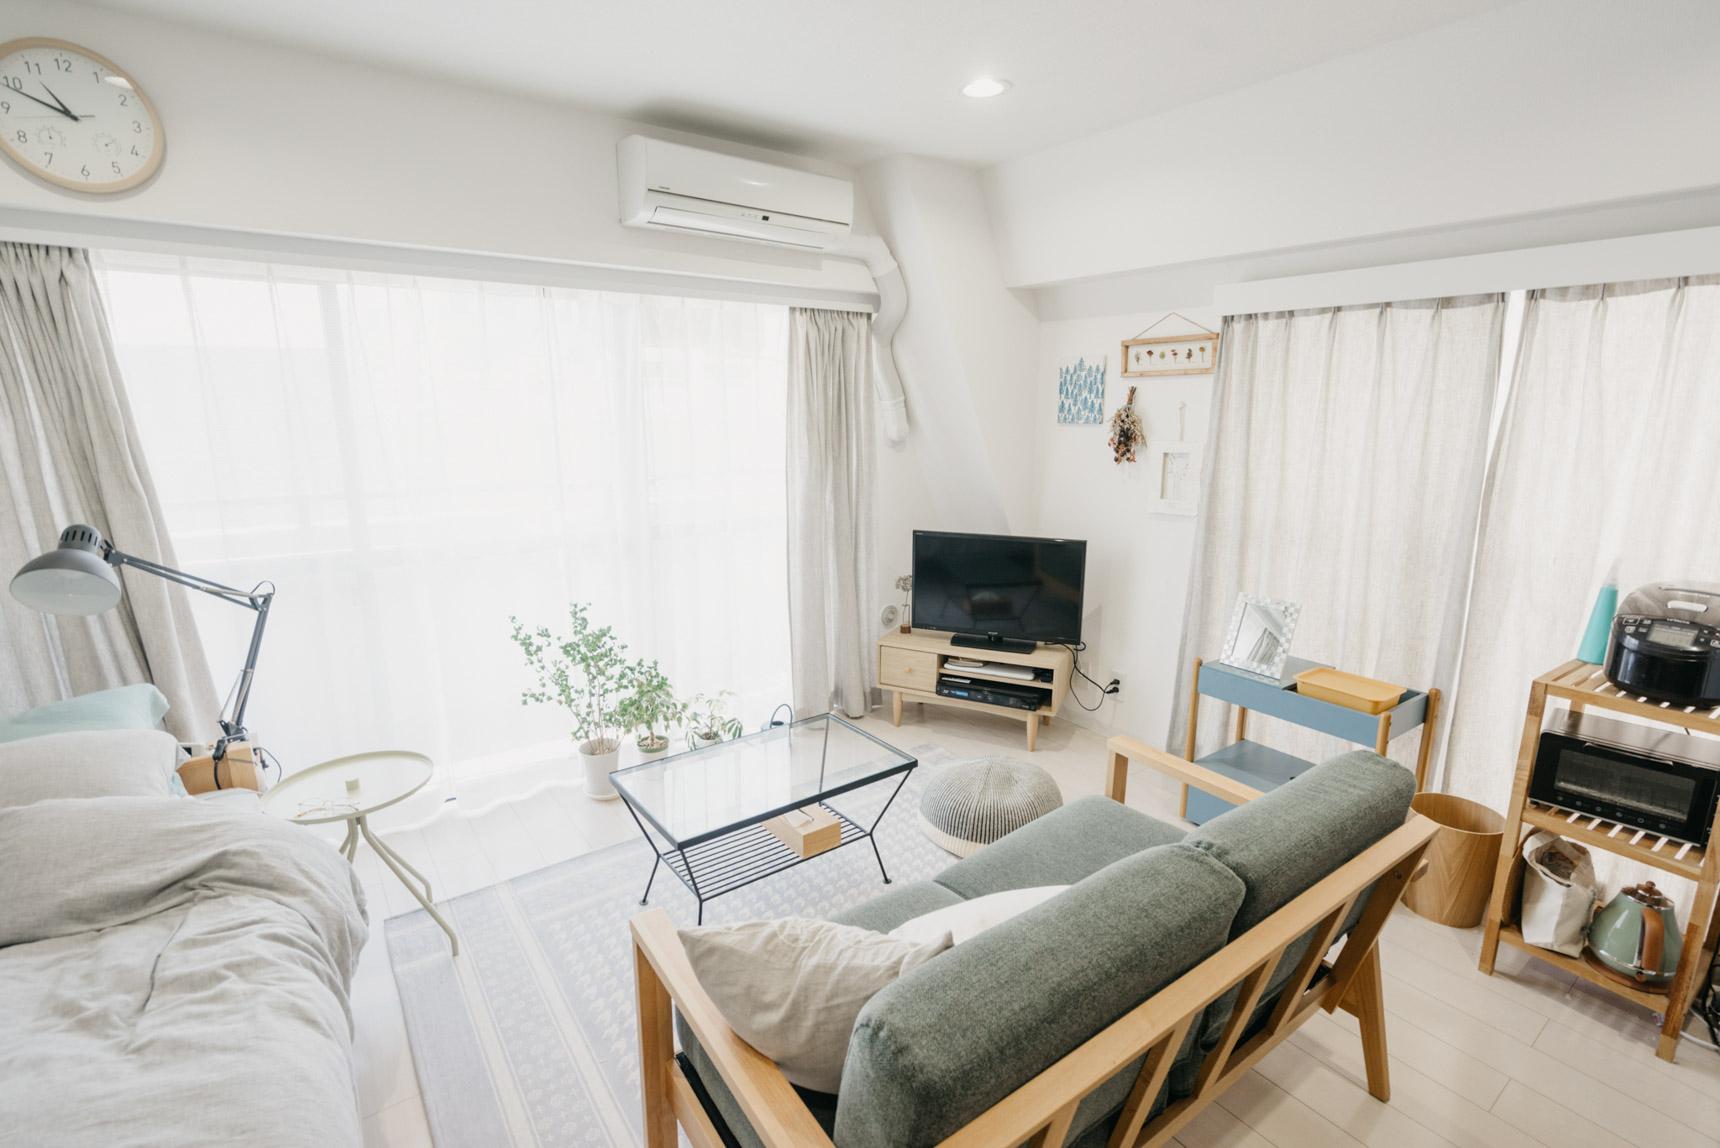 こちらも横長のワンルーム。8畳あると、大きめのソファを置いてもゆとりのある配置になりますね。